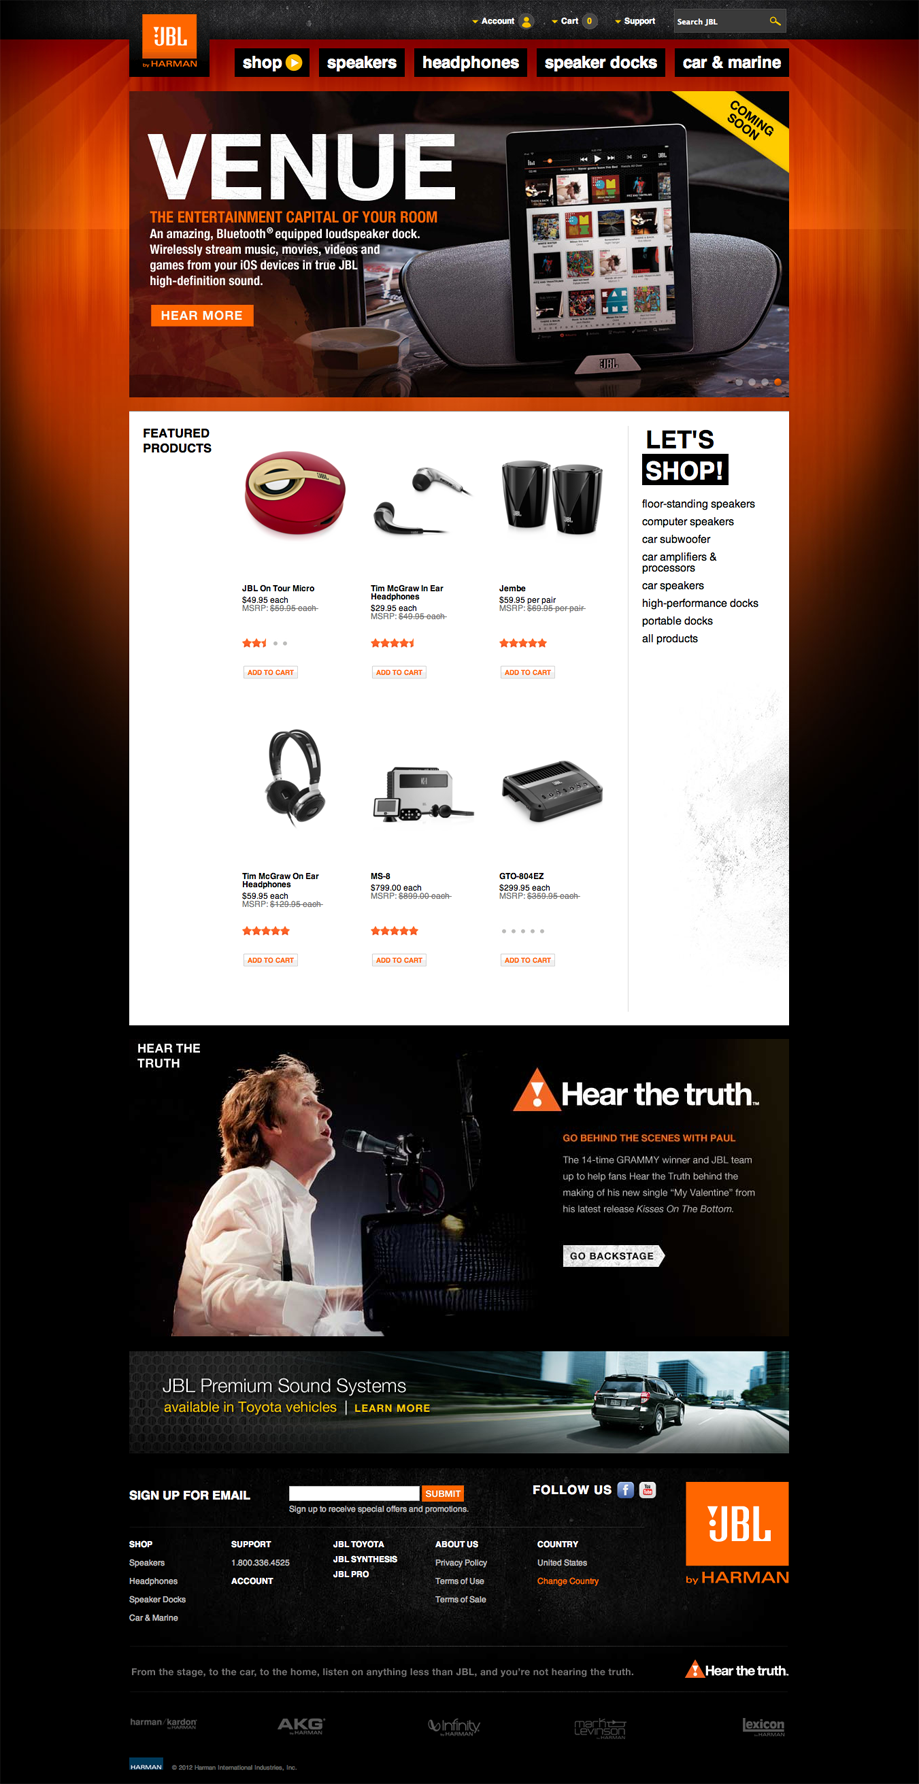 JBL.com | 2011